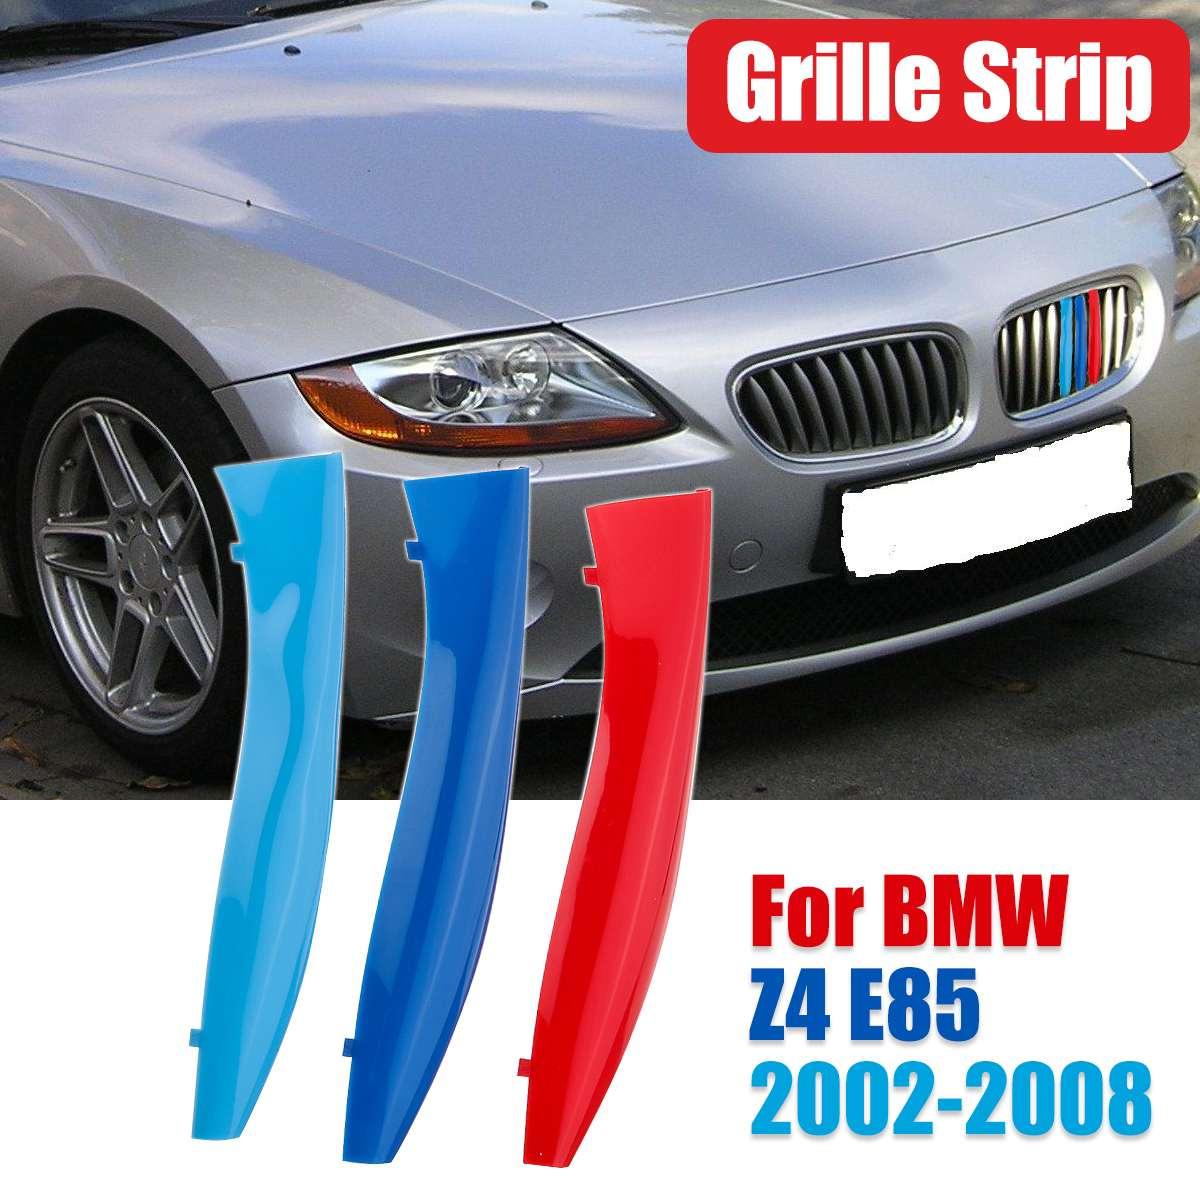 Отделка передней решетки автомобиля, спортивные полоски, наклейки на крышку решетки радиатора BMW Z4 E85 2002-2008